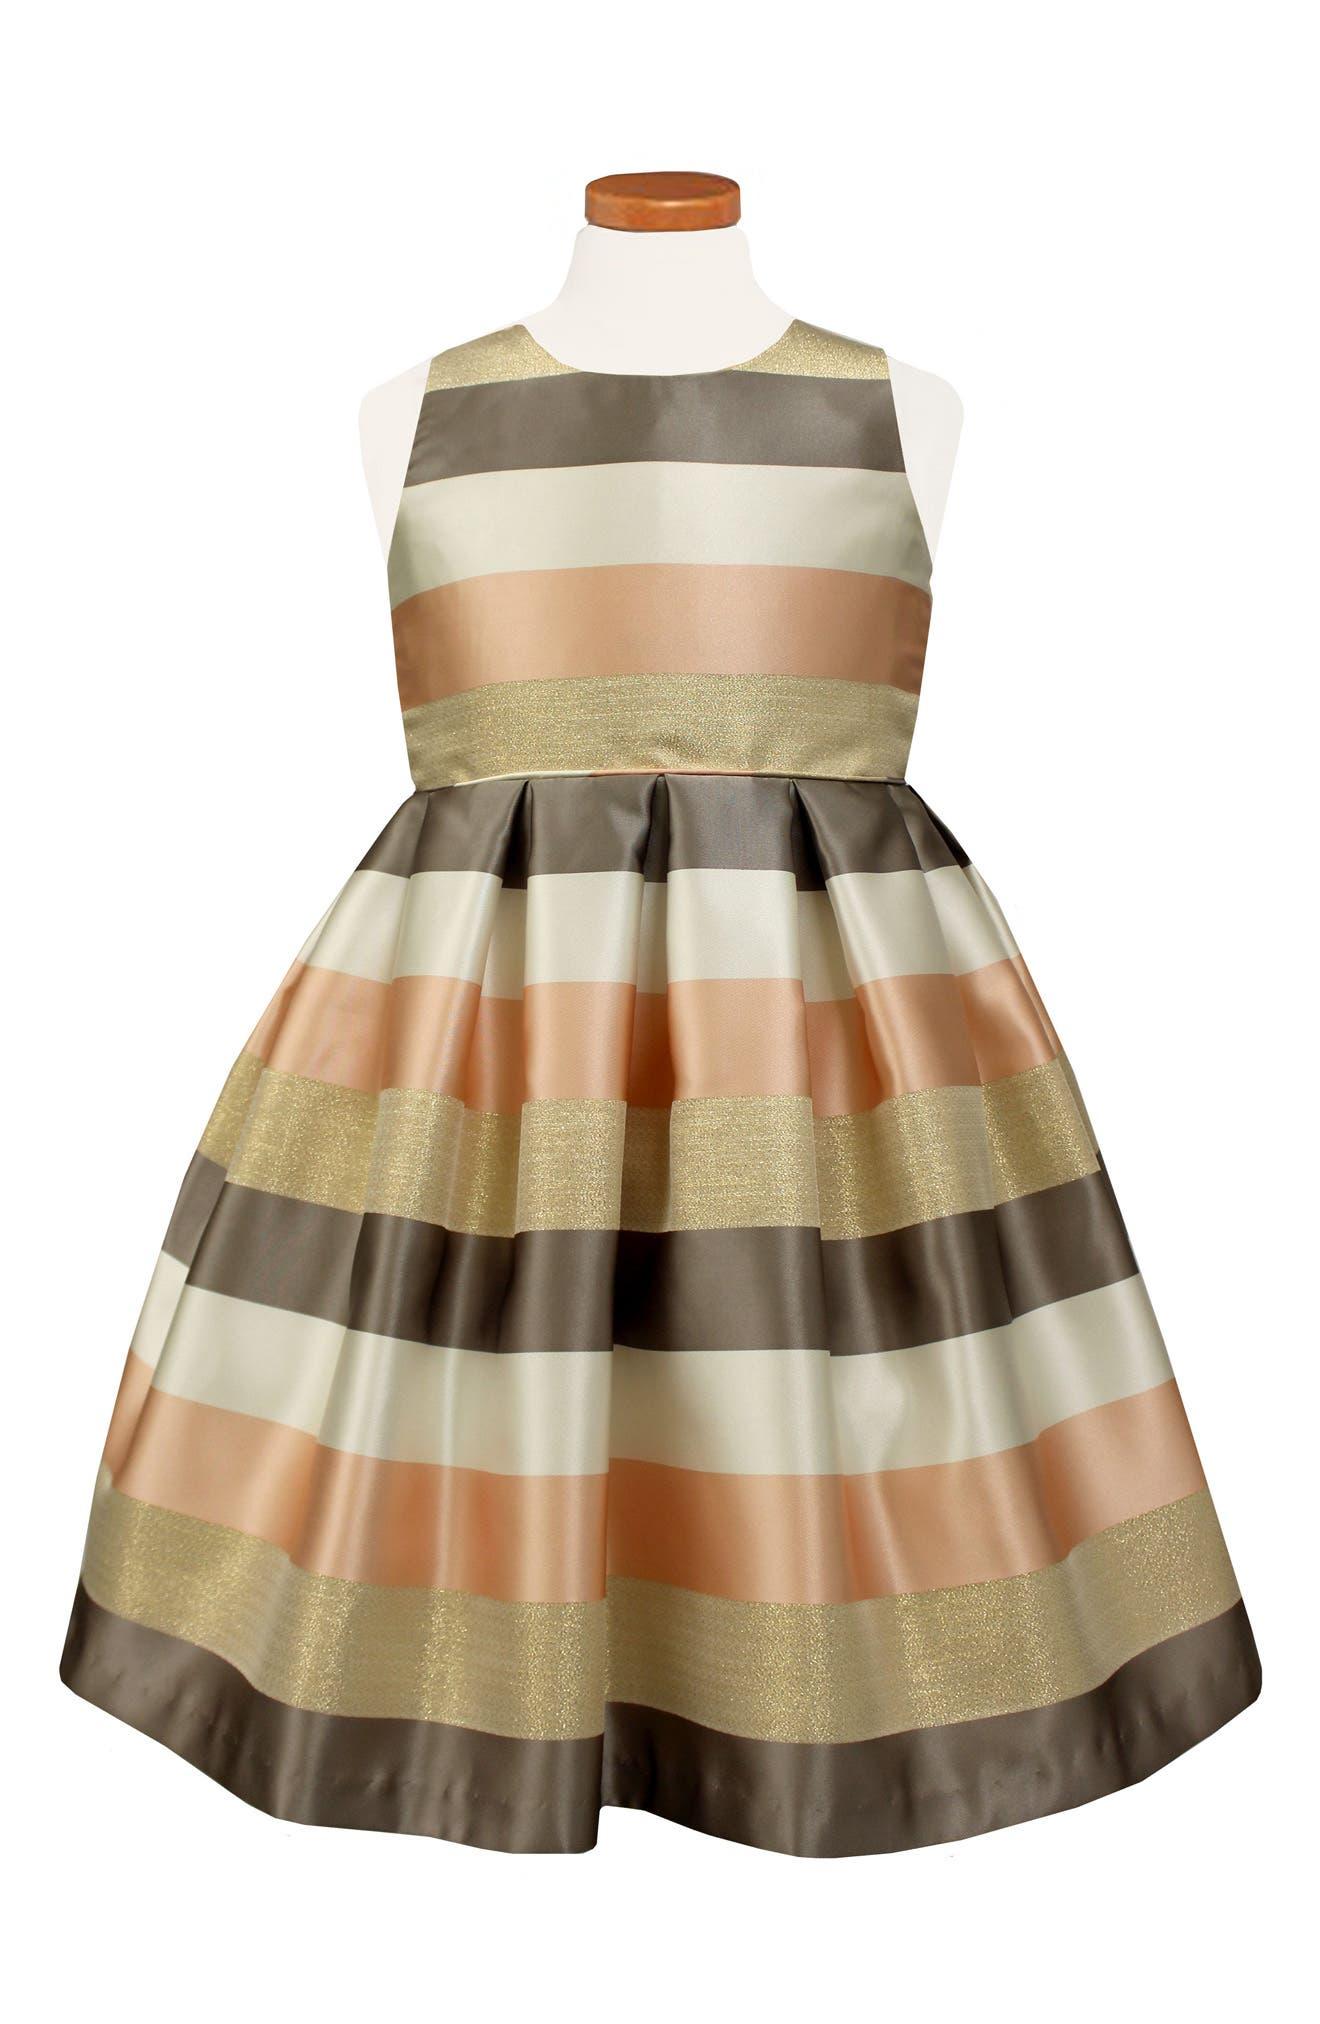 Main Image - Sorbet Metallic Stripe Party Dress (Toddler Girls, Little Girls & Big Girls)